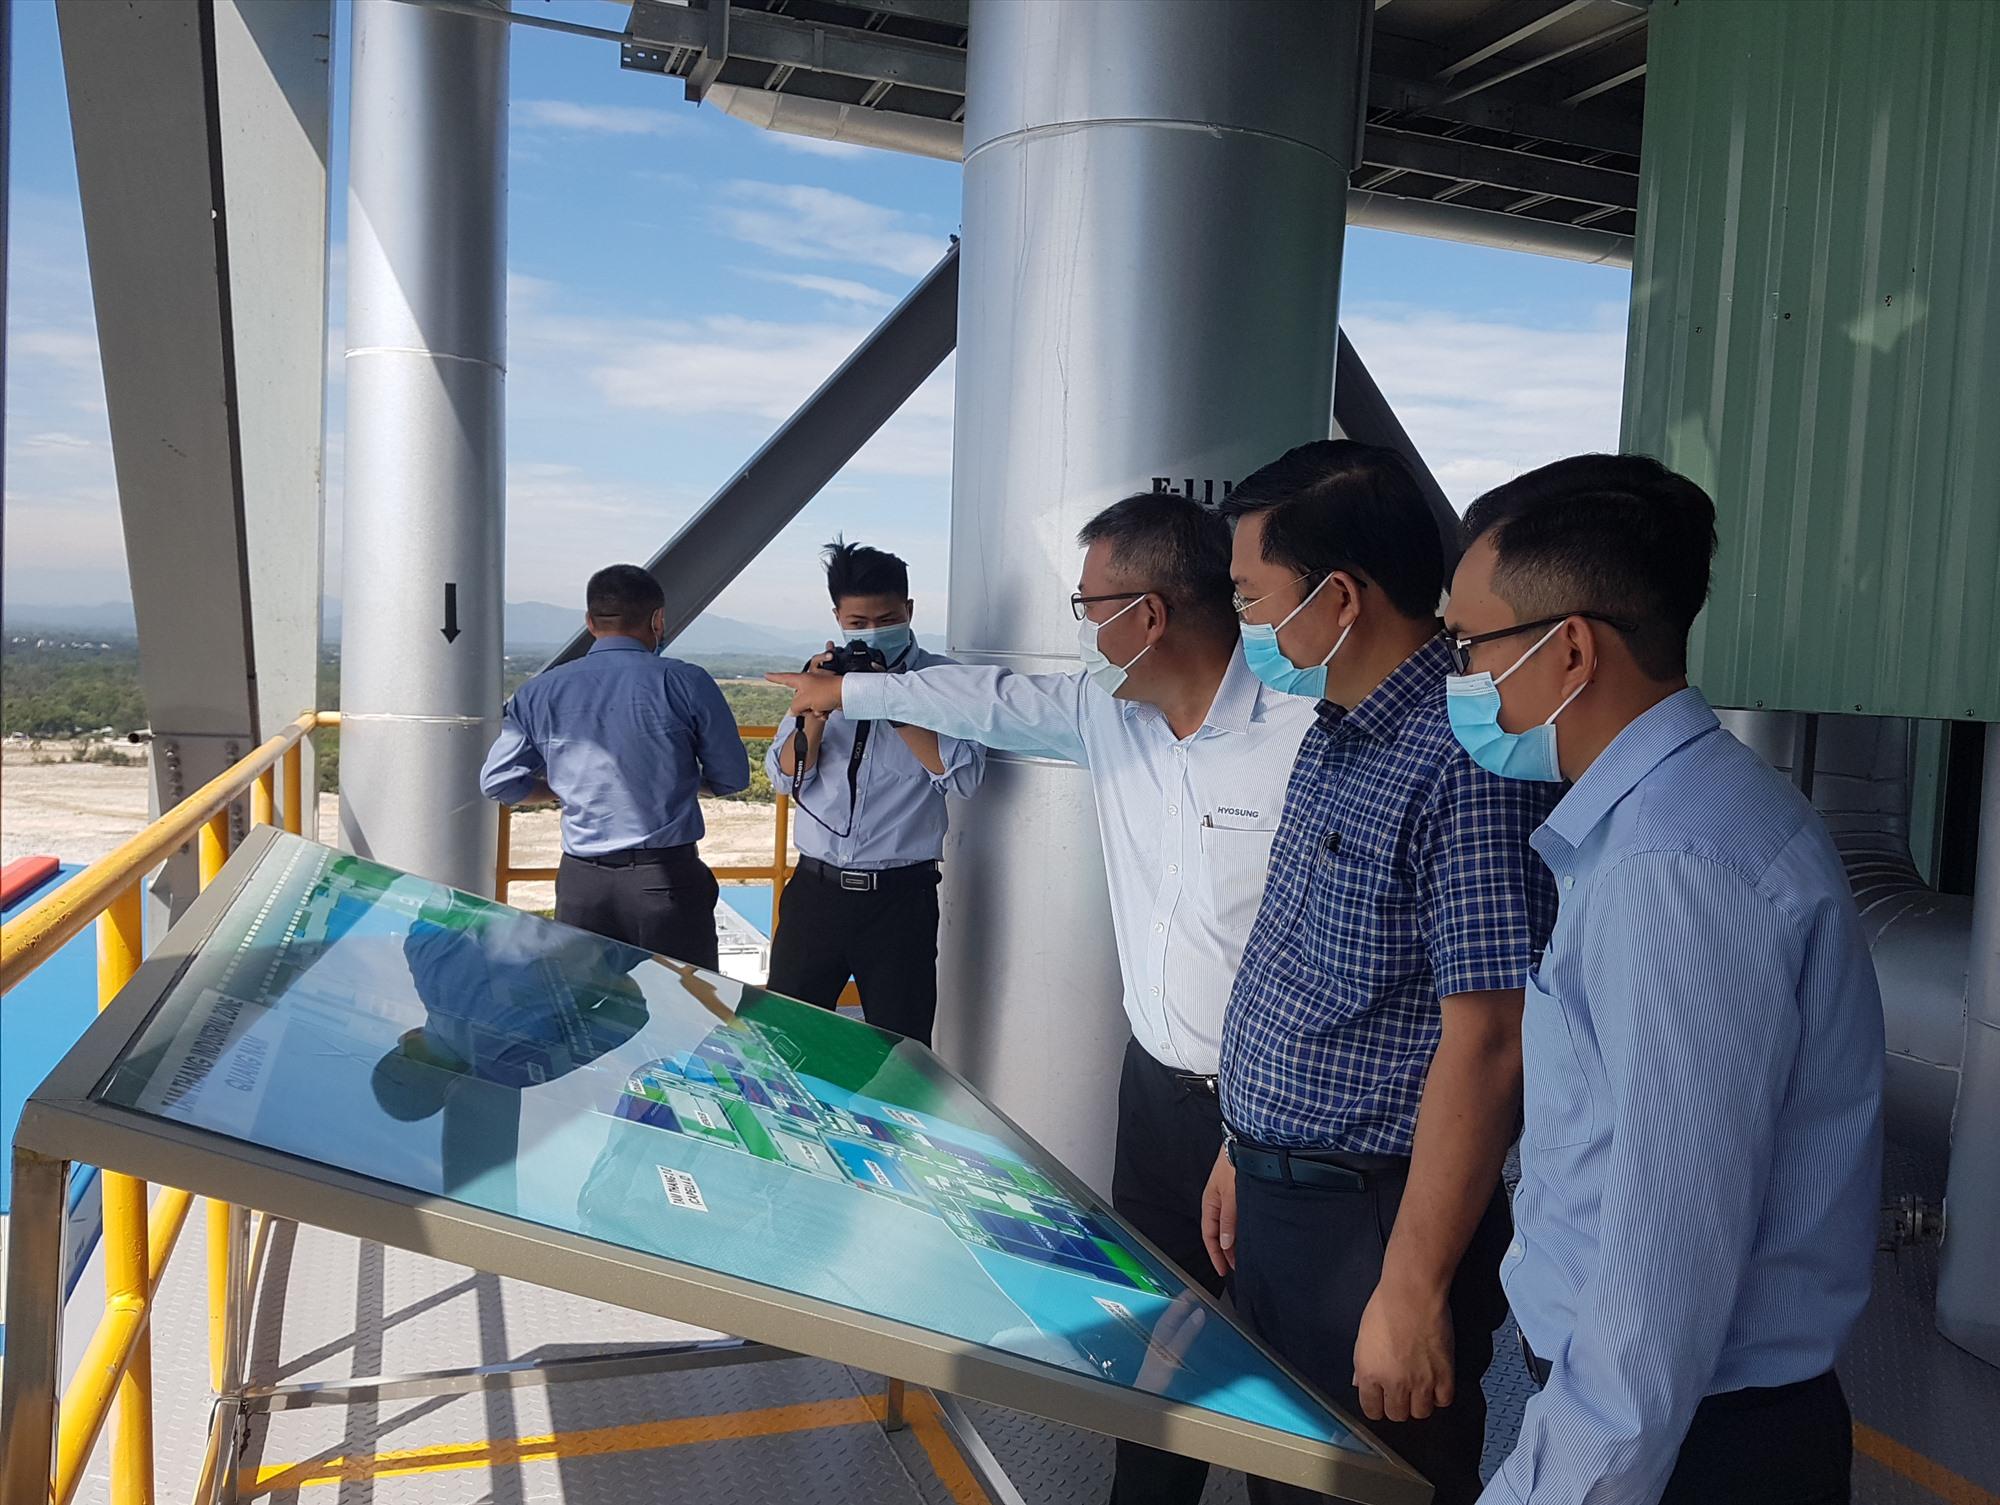 Chủ tịch UBND tỉnh Lê Trí Thanh khảo sát hoạt động ở Công ty TNHH Hyosung Quảng Nam. Ảnh: D.L